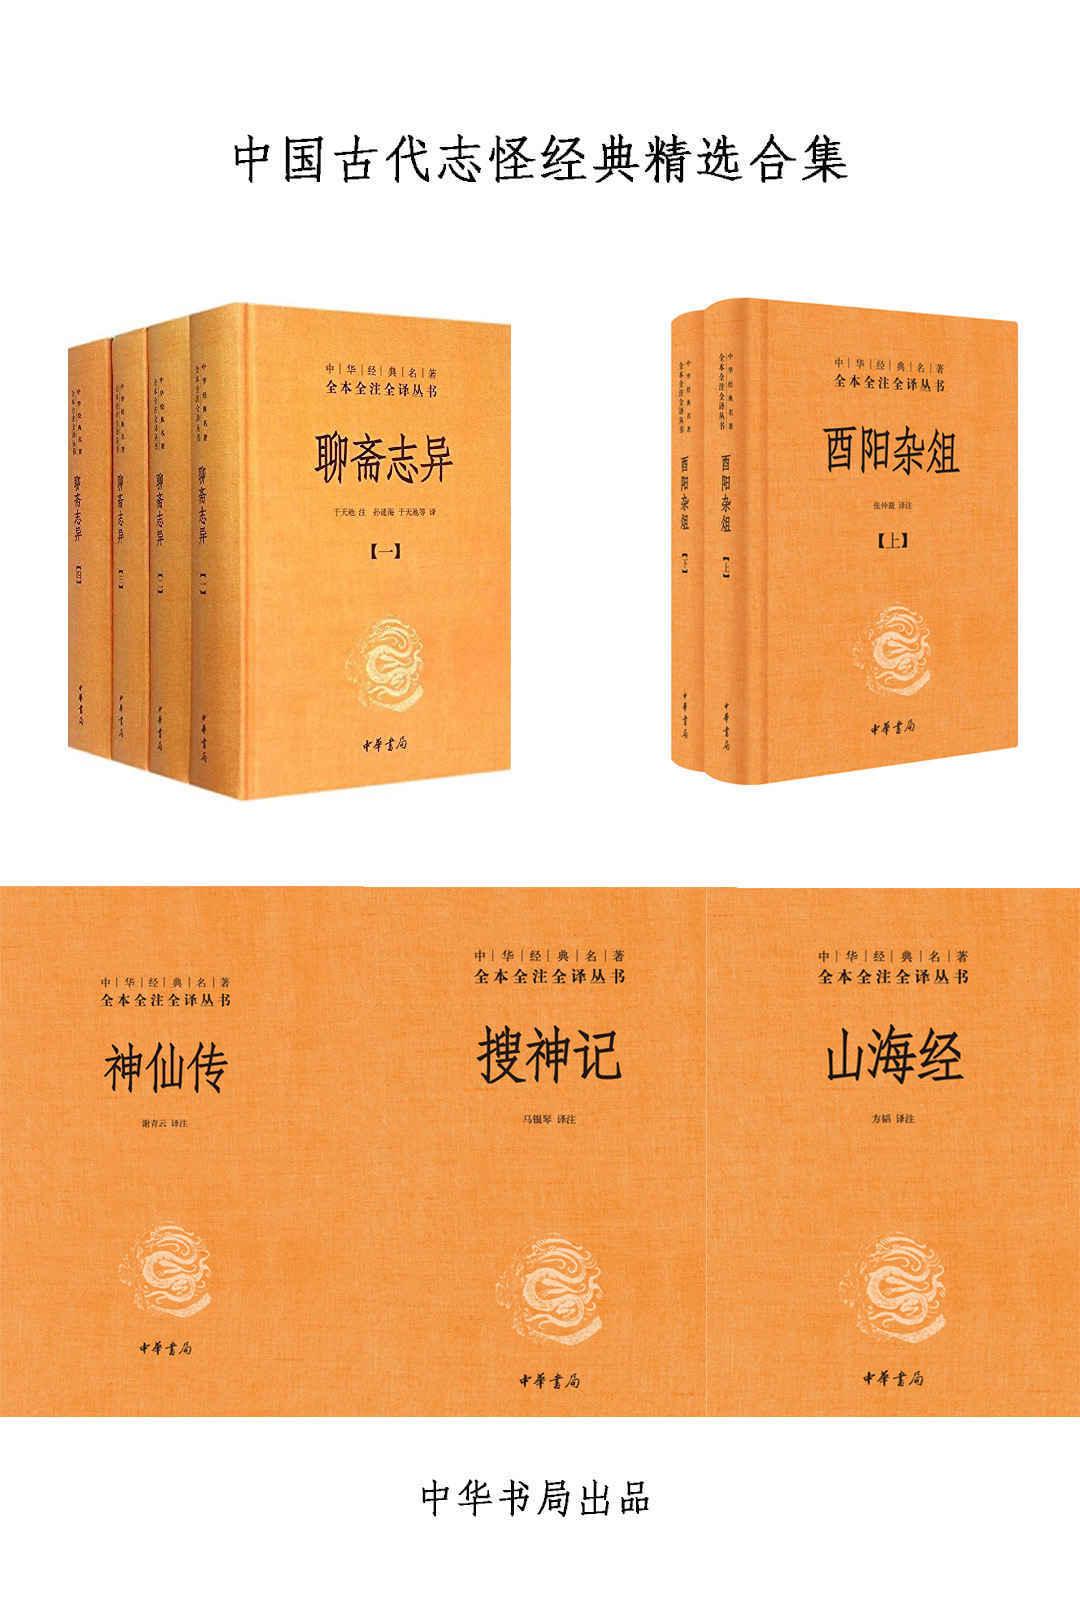 中国古代志怪经典精选合集 pdf-epub-mobi-txt-azw3